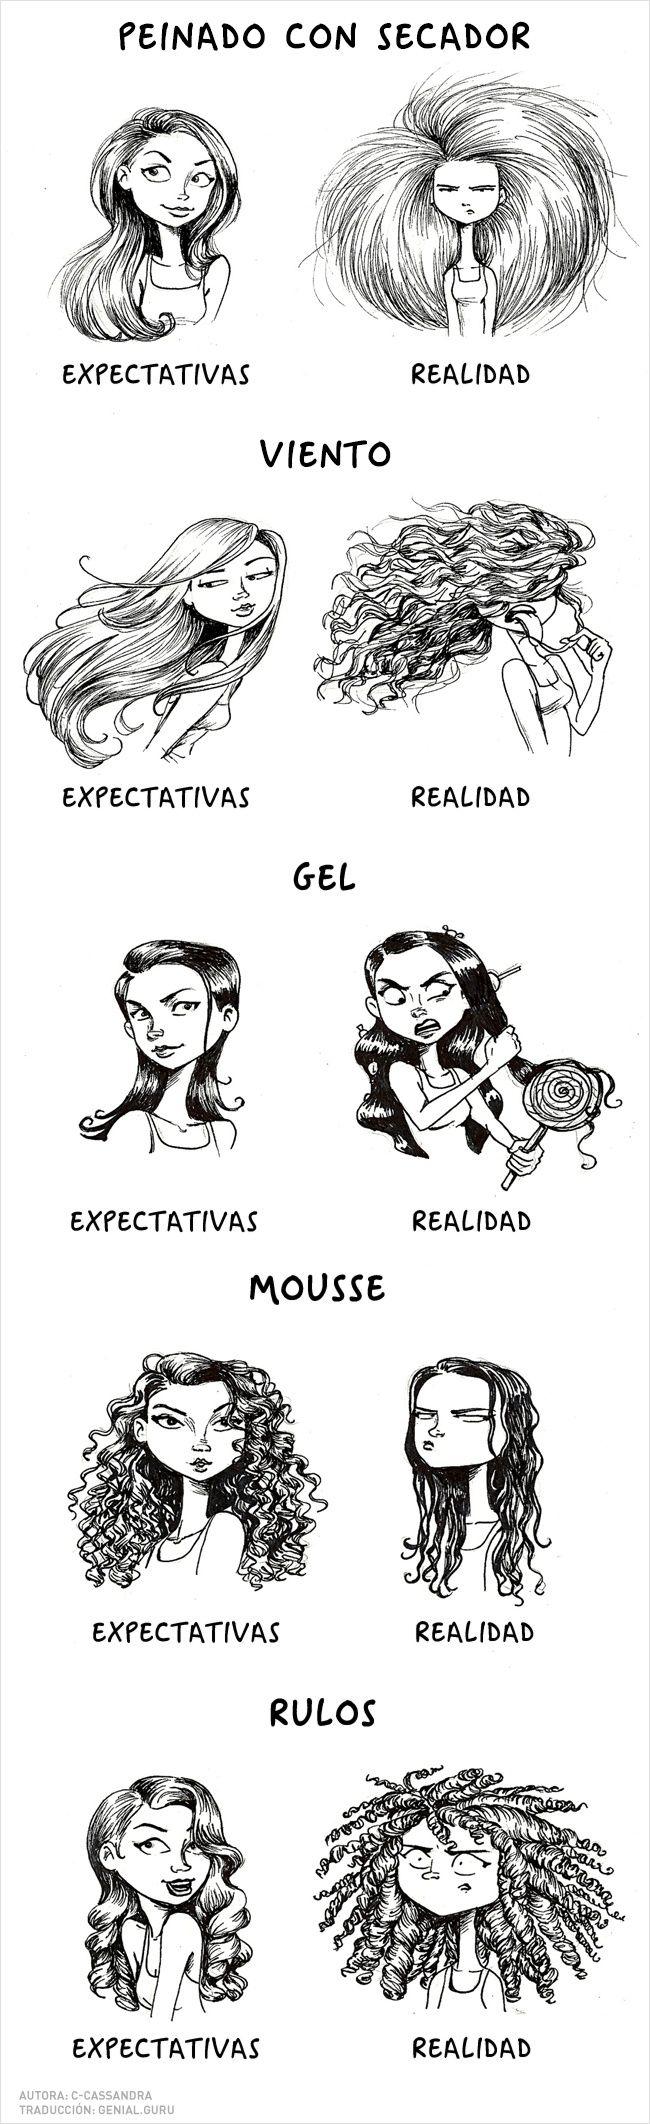 Estos cómics entienden todos los problemas de las chicas! - TKM Chile